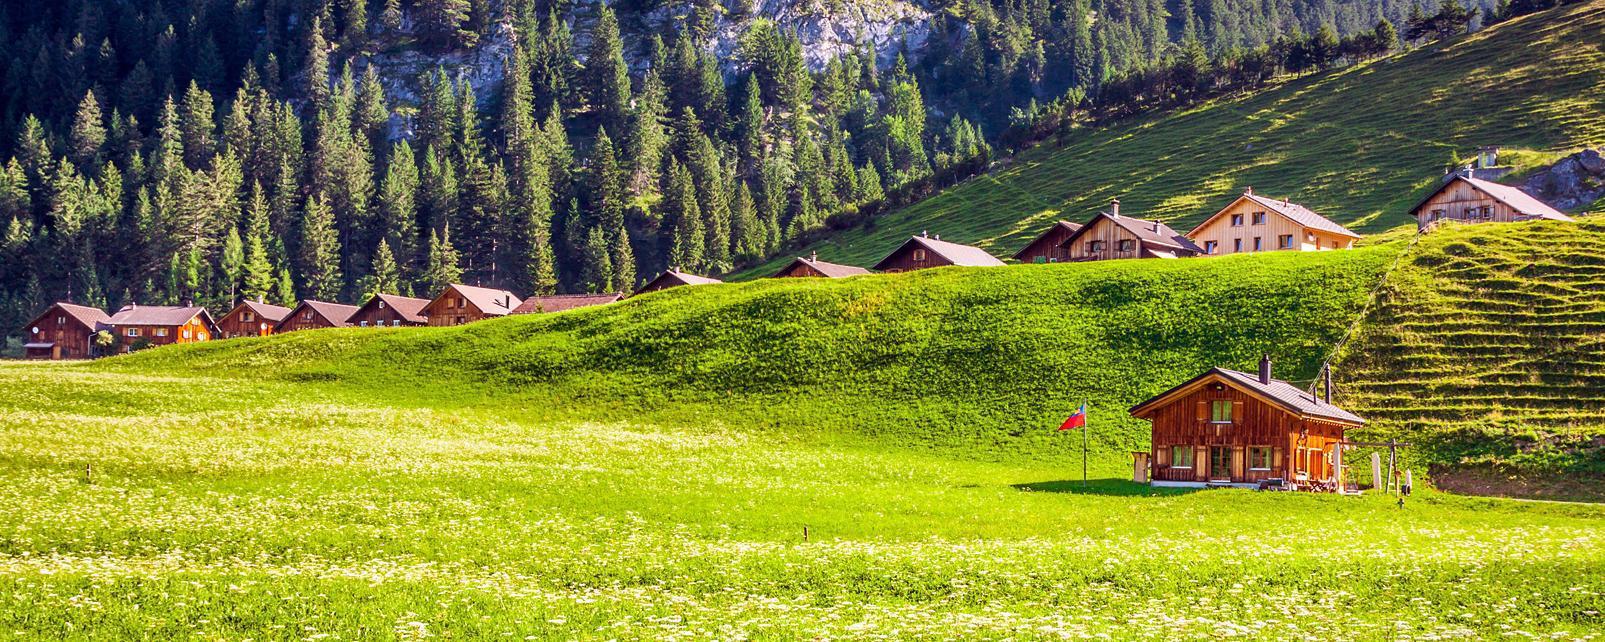 Casinoboom Liechtenstein - 61197